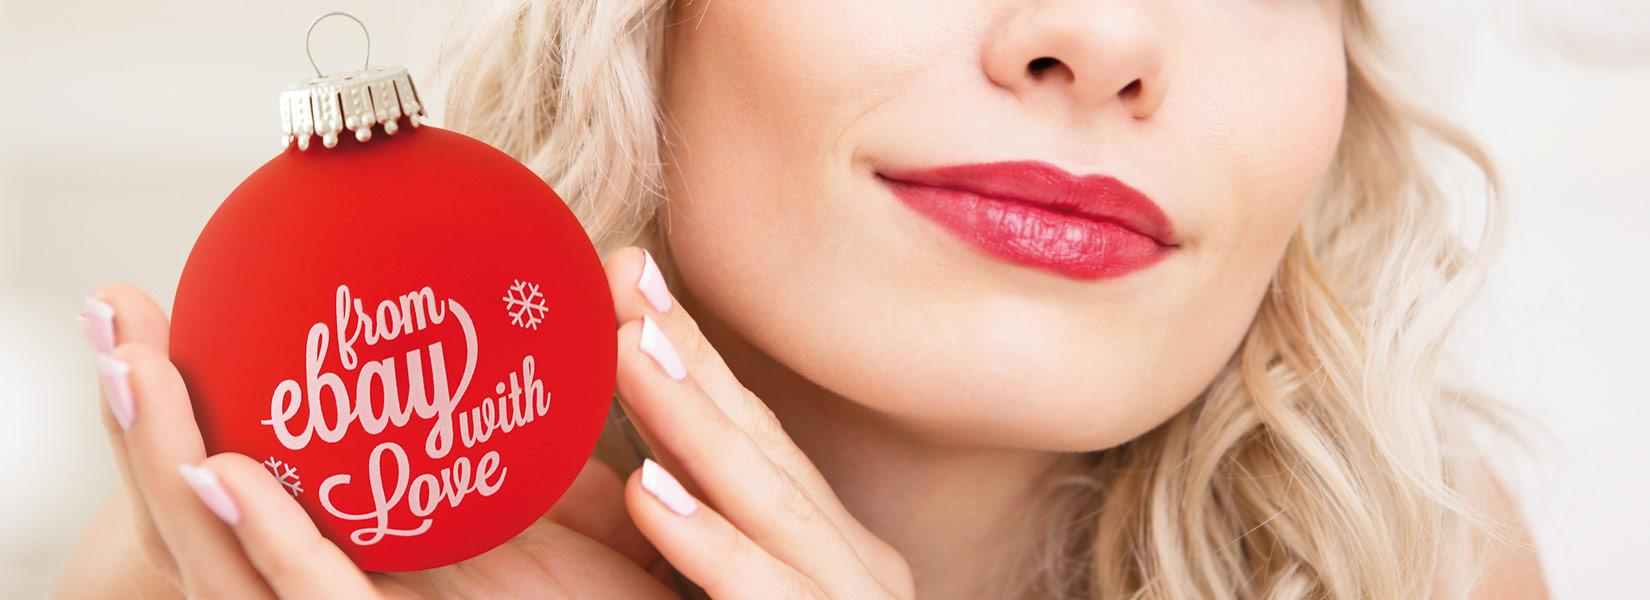 Außergewöhnliche Weihnachtskugeln.Krebs Sohn Weihnachtskugeln Mit Logodruck